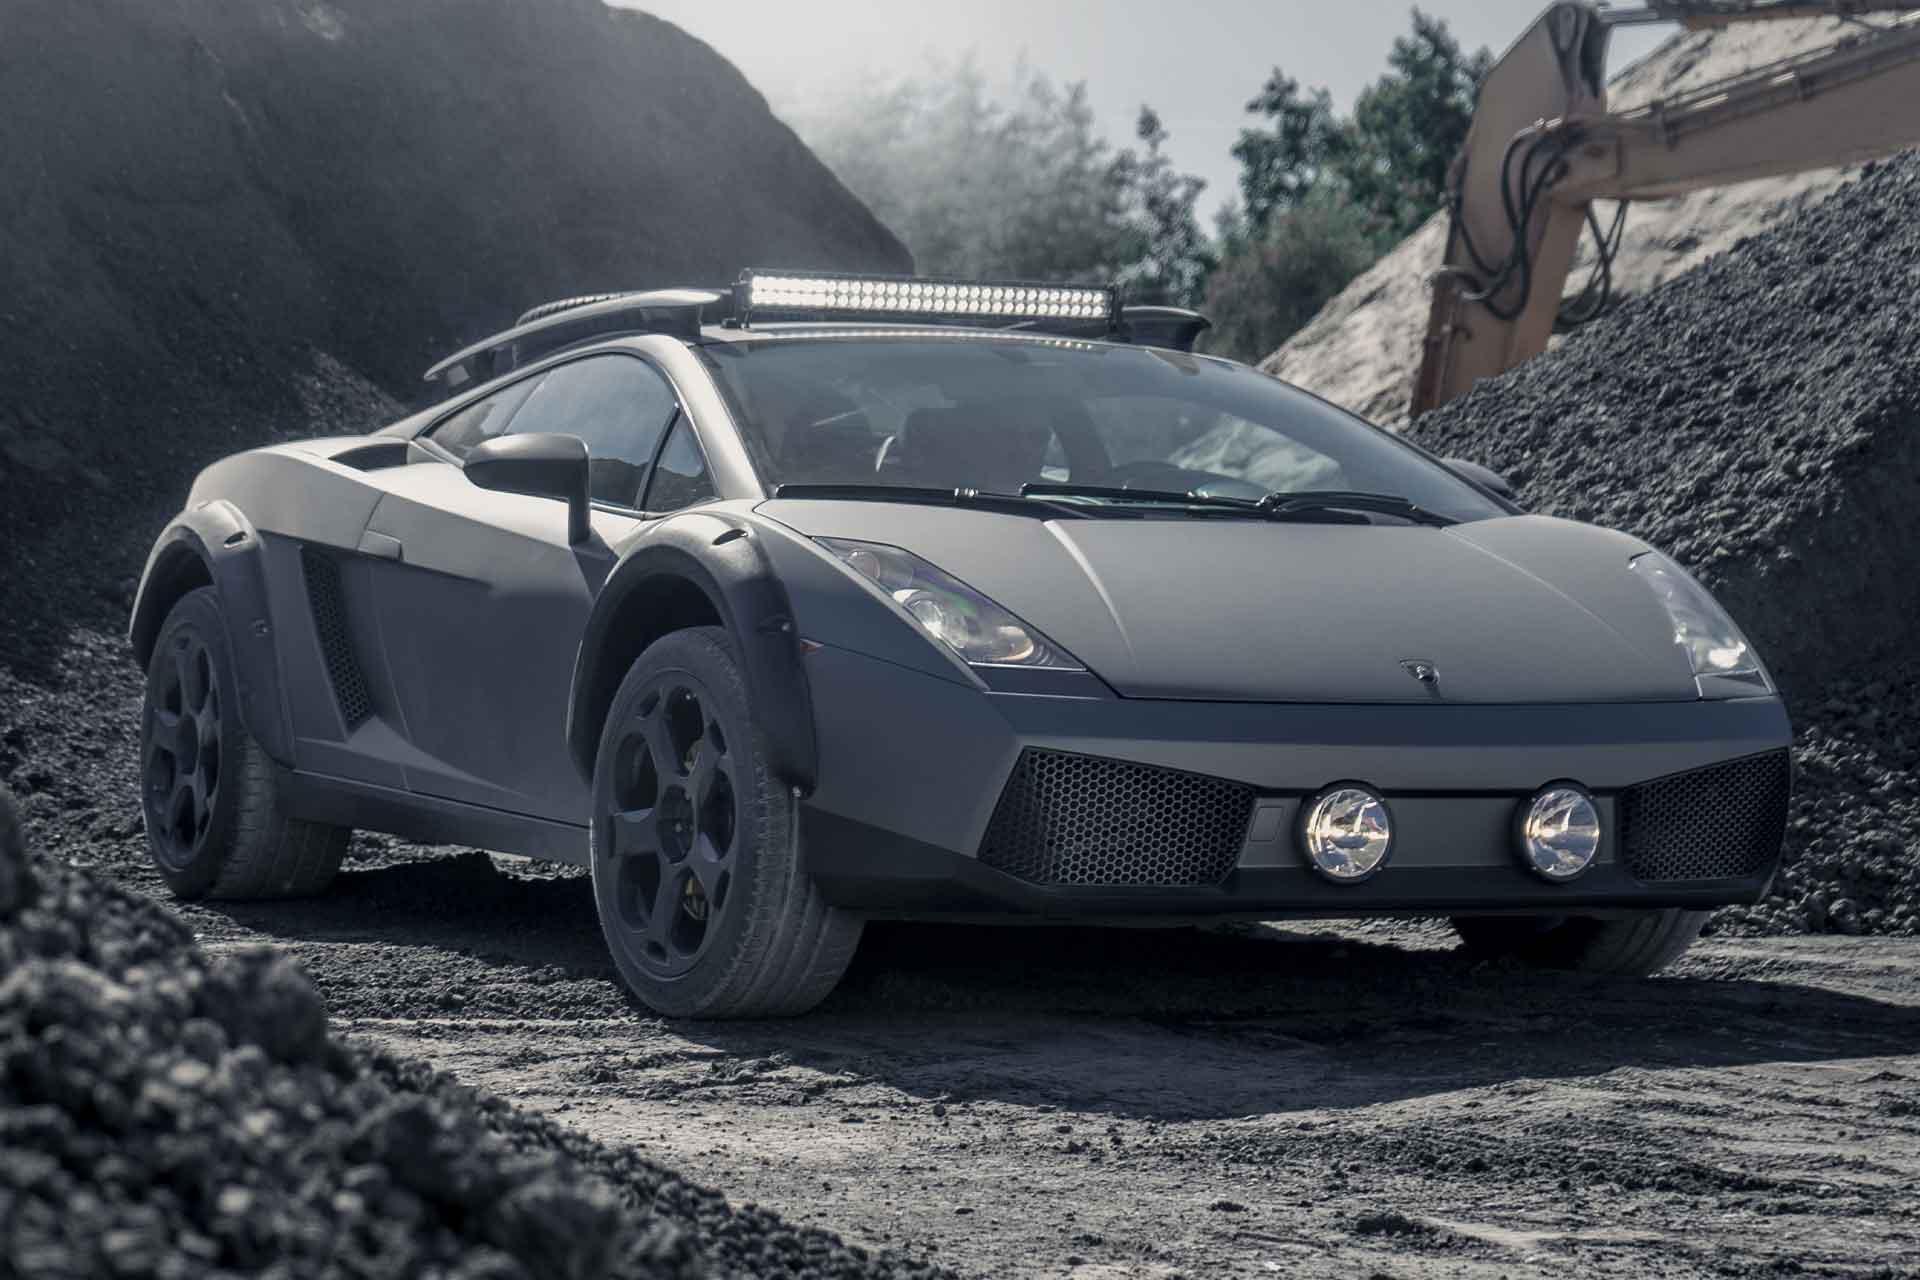 2004 Lamborghini Gallardo Offroad Coupe Uncrate